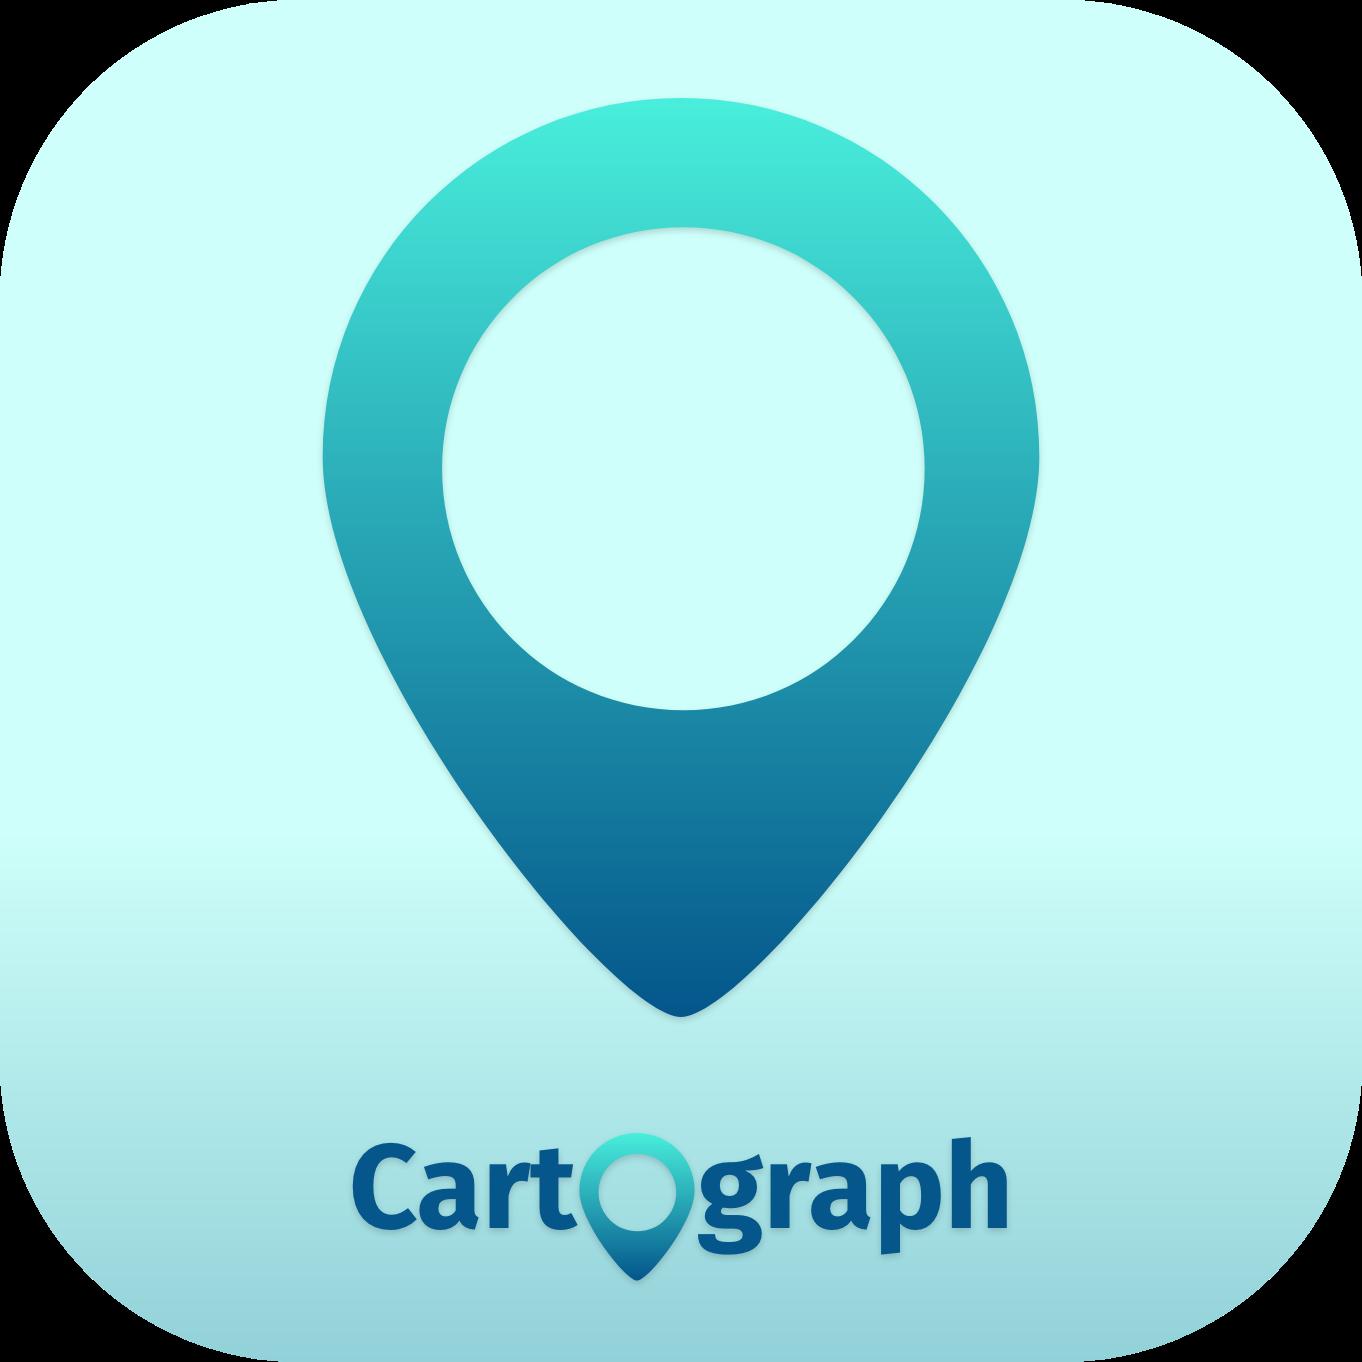 The Cartograph app icon